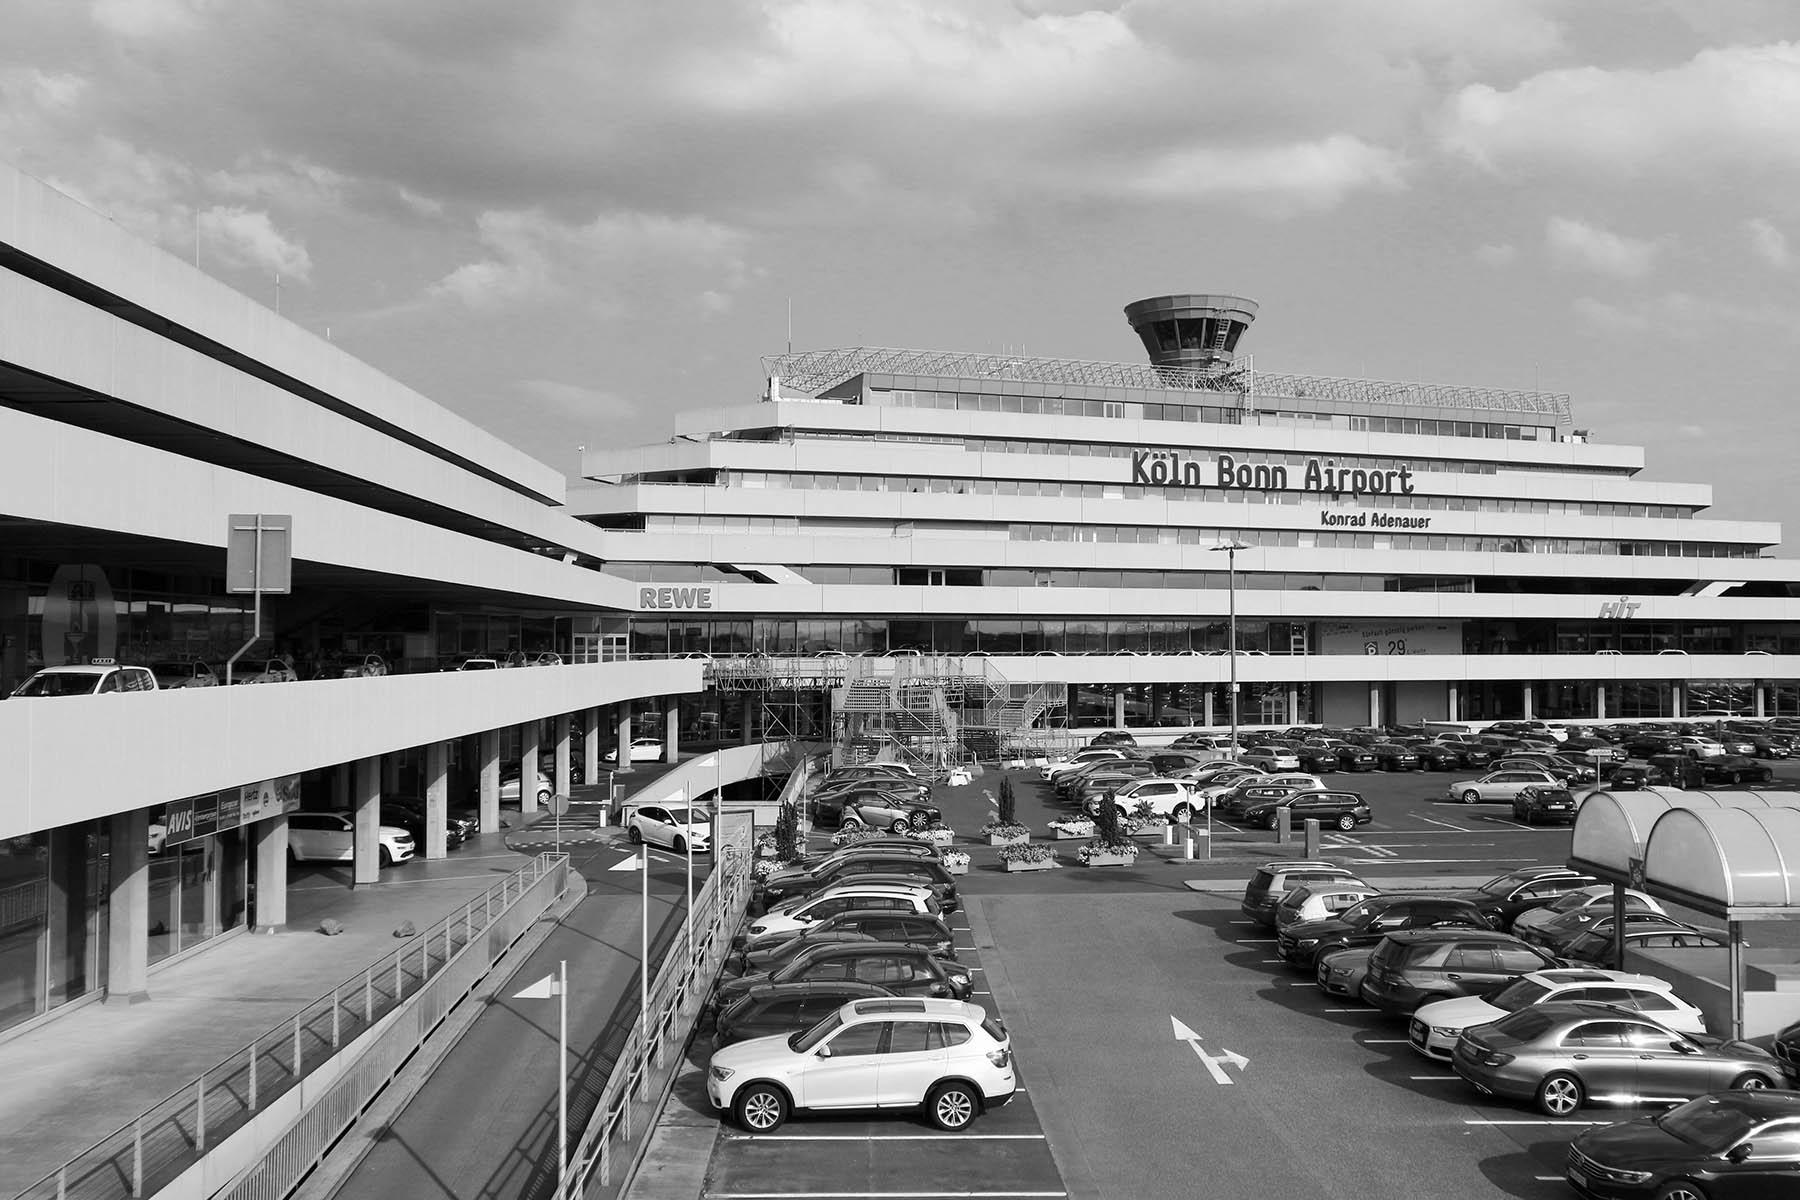 Flughafen Köln Bonn. Der erste Terminal wurde 1970 eröffnet und vom Architekten Paul Schneider von Esleben (PSE) entworfen.